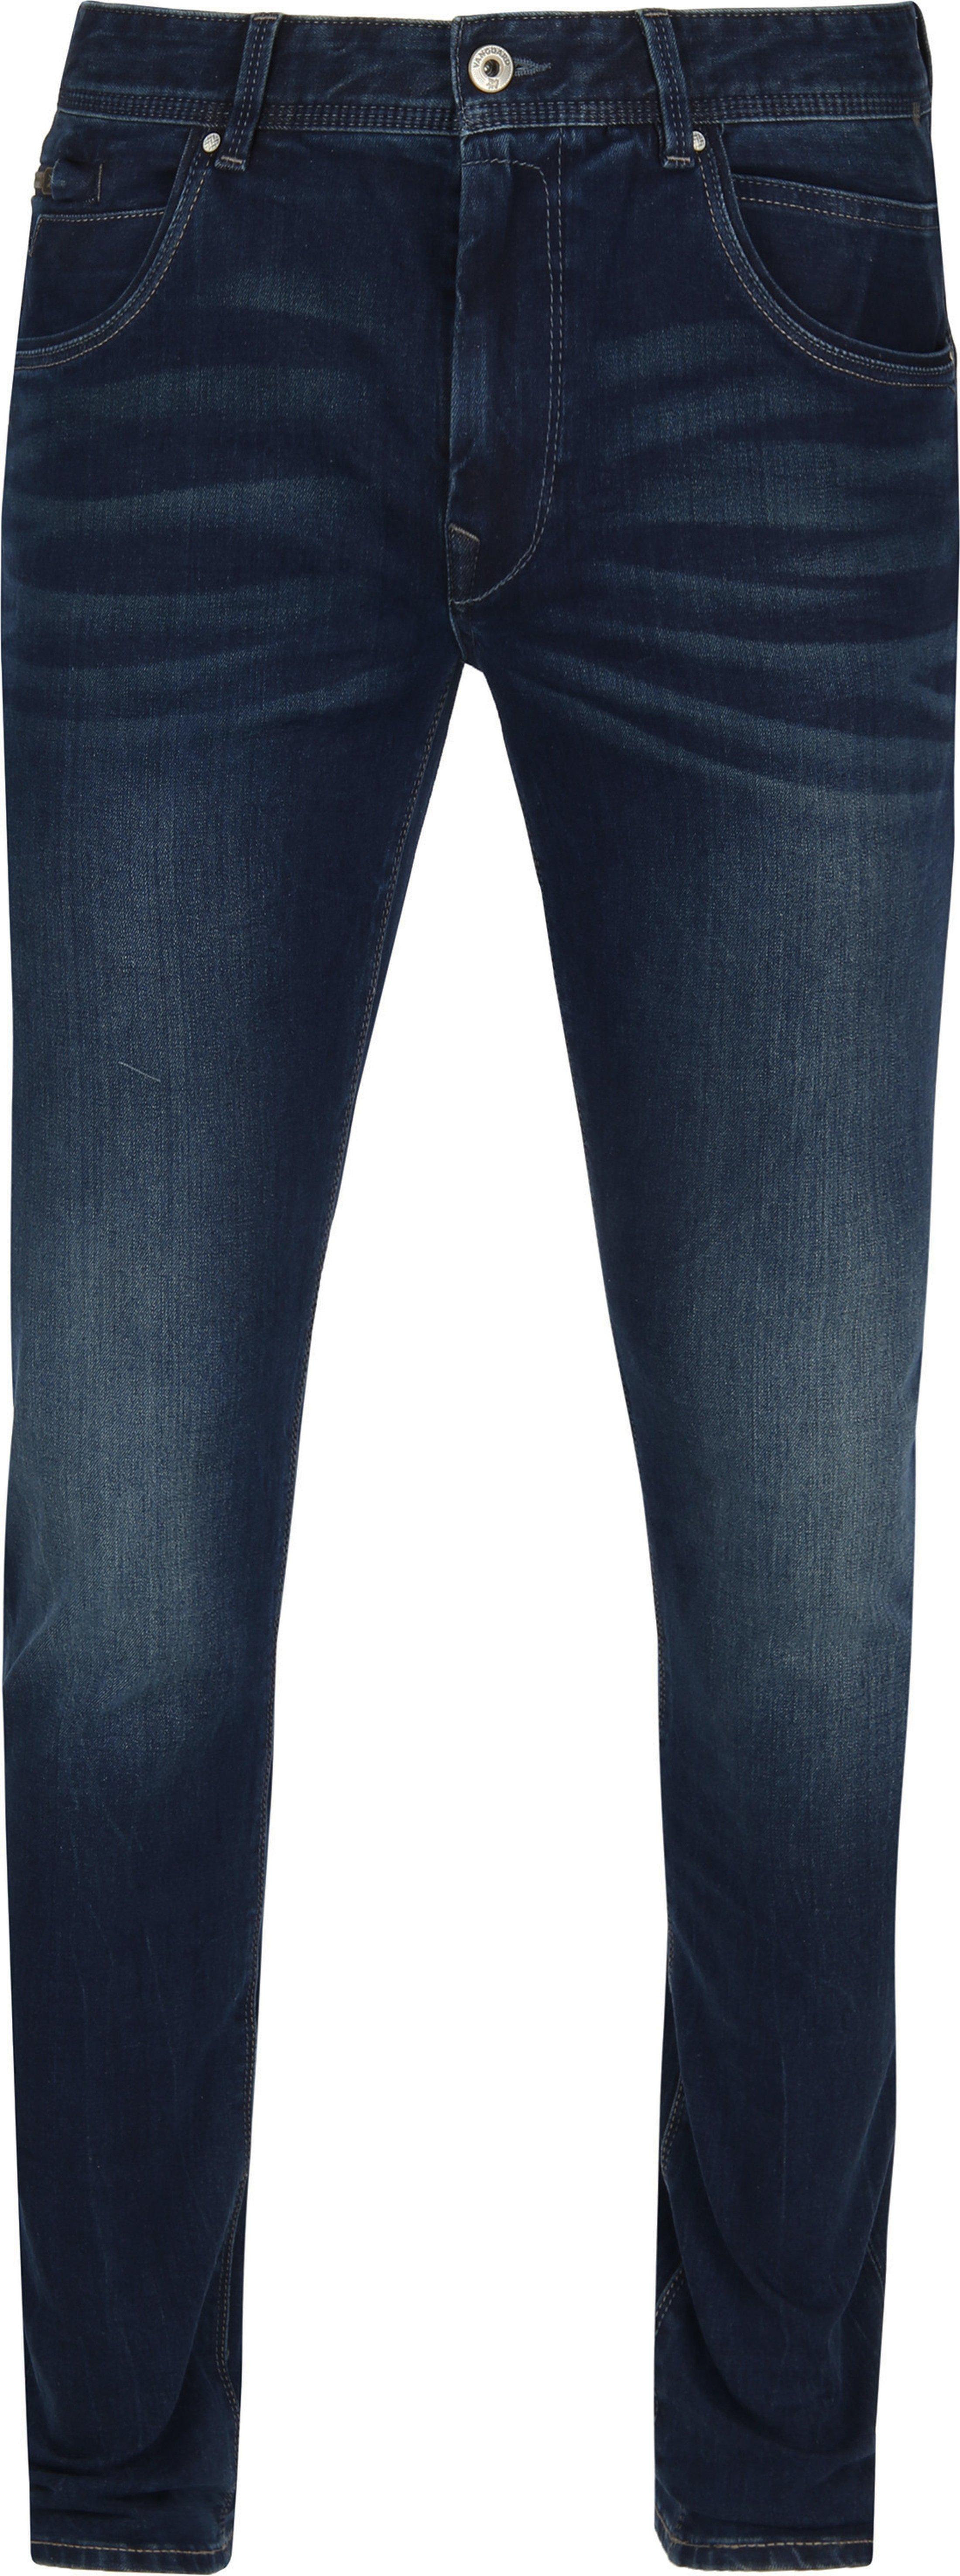 Vanguard V850 Rider Jeans Washed